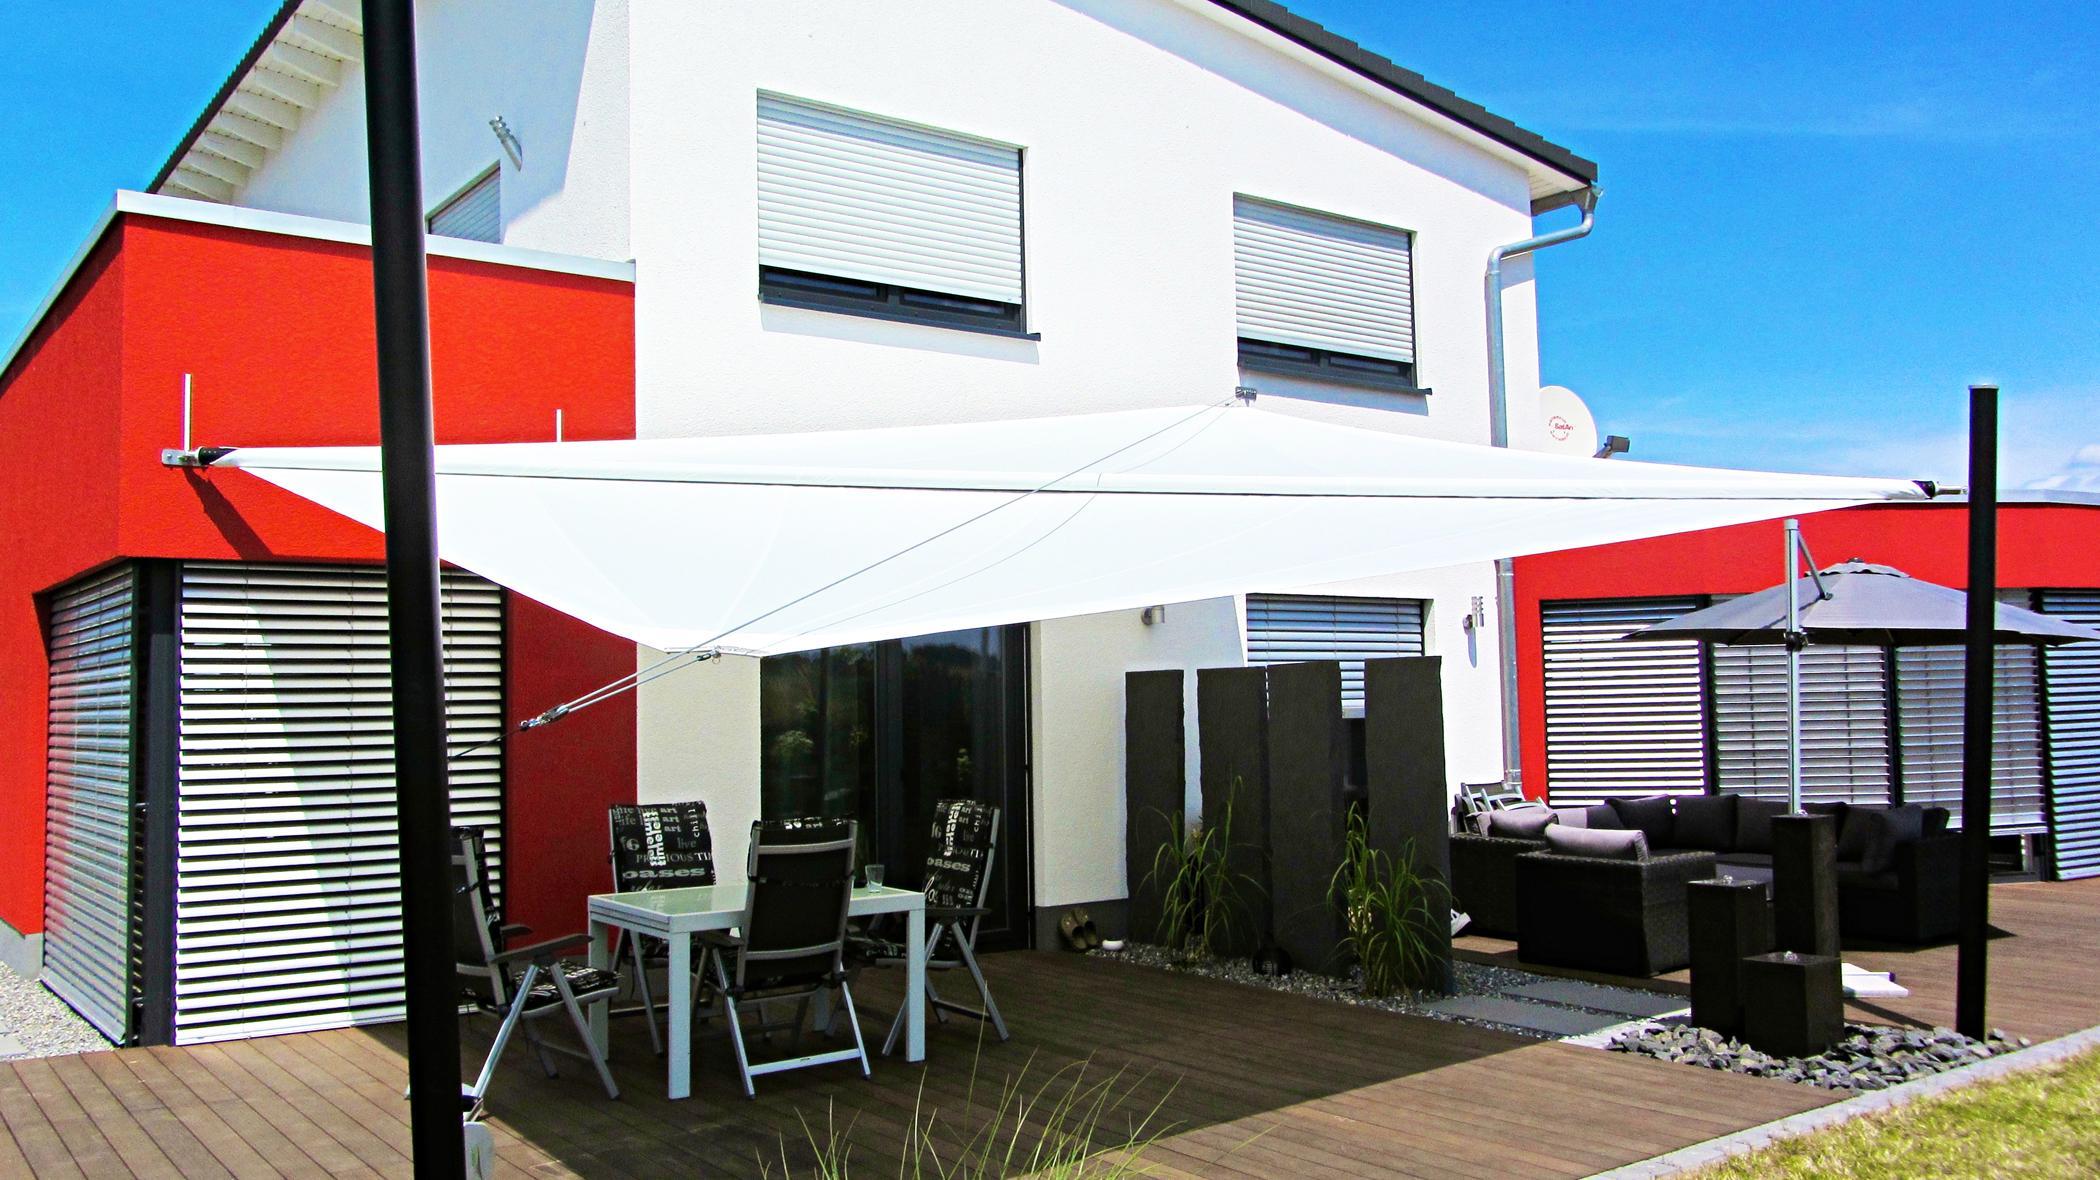 sonnensegel terrasse - sonnenschutz online bestellen | pina ... - Dachfenster Einbauen Vorteile Ideen